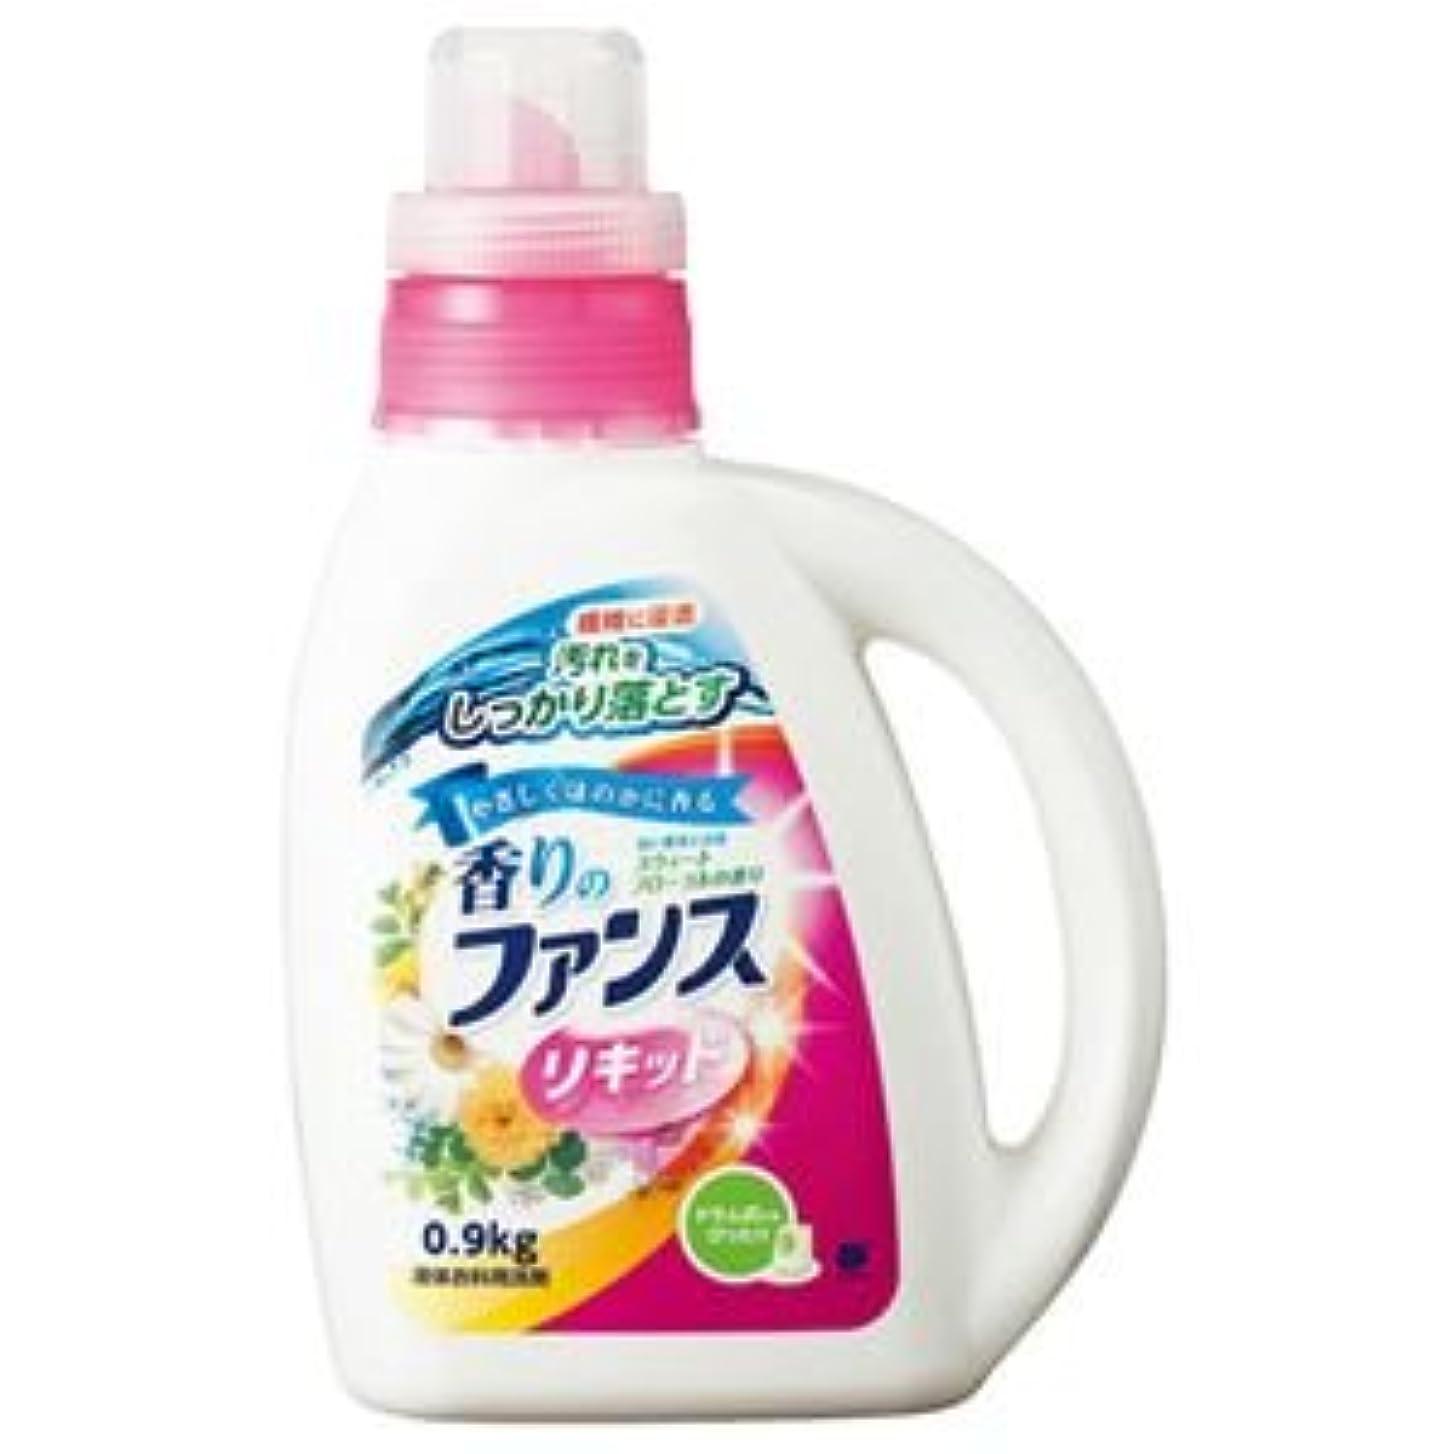 凍る平凡大きさ(まとめ) 第一石鹸 香りのファンス 液体衣料用洗剤リキッド 本体 0.9kg 1本 【×10セット】